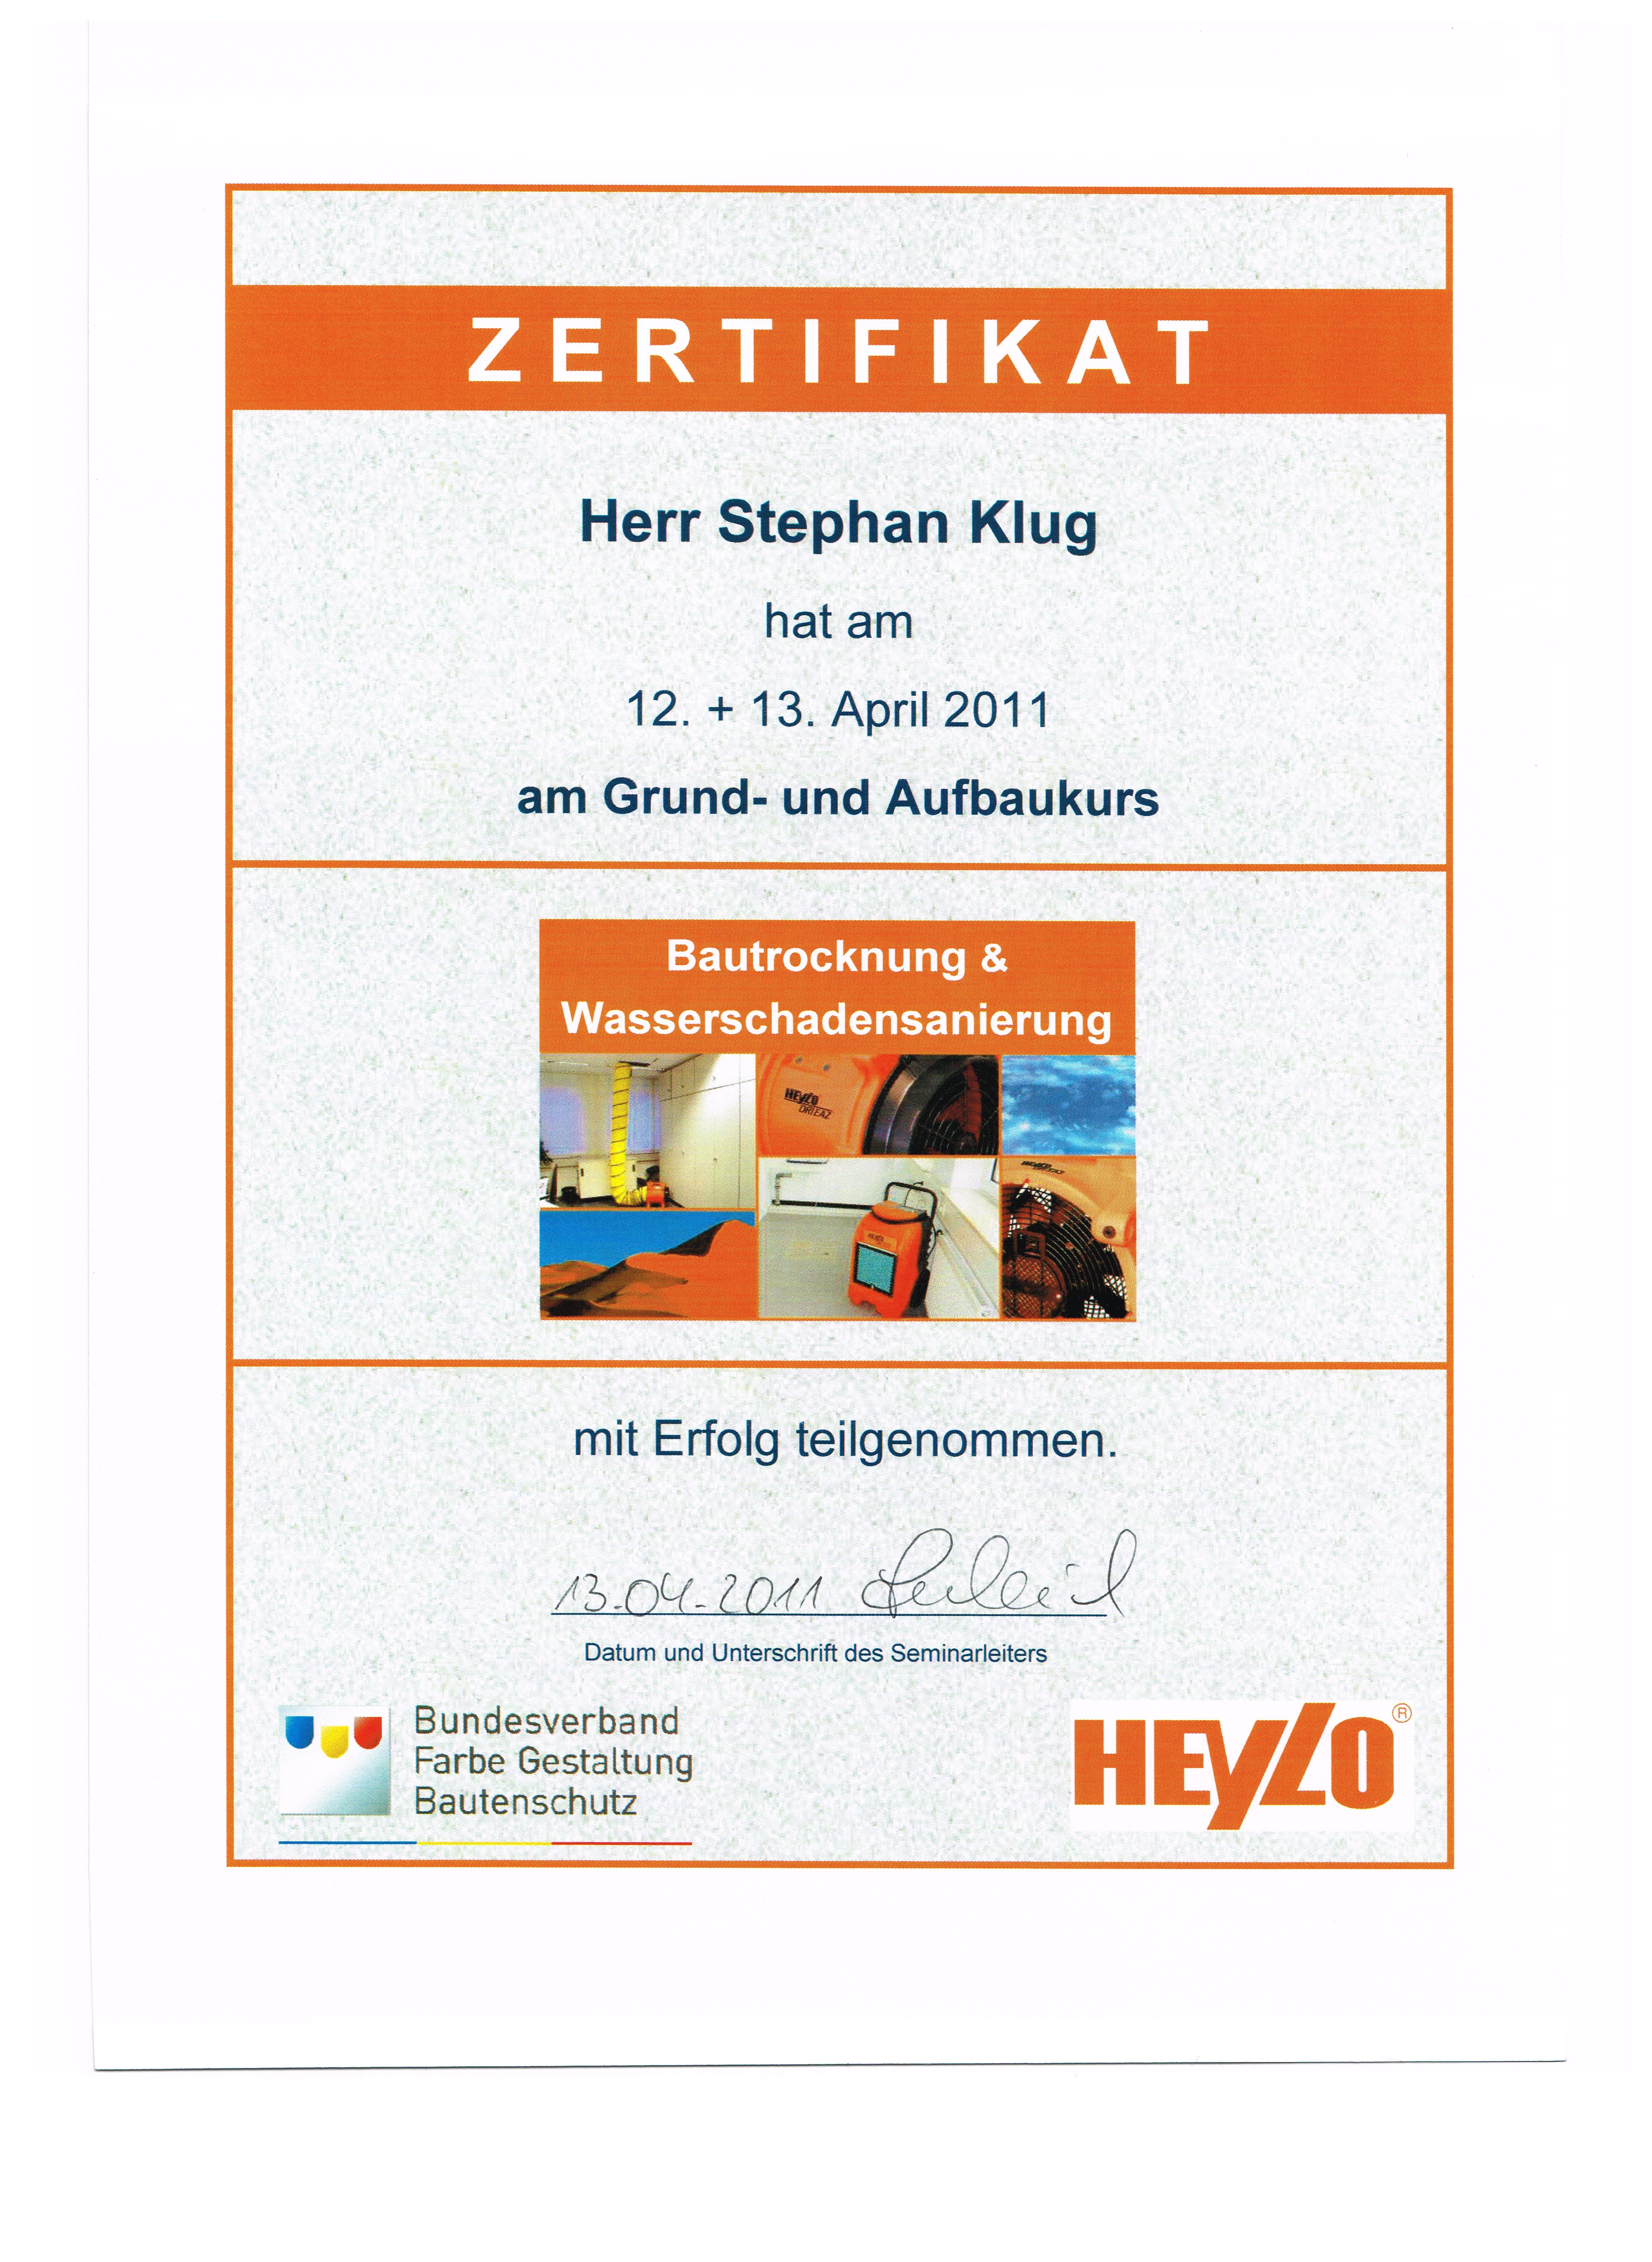 Zertifikat_Bautrocknung_und_Wasserschadensanierung